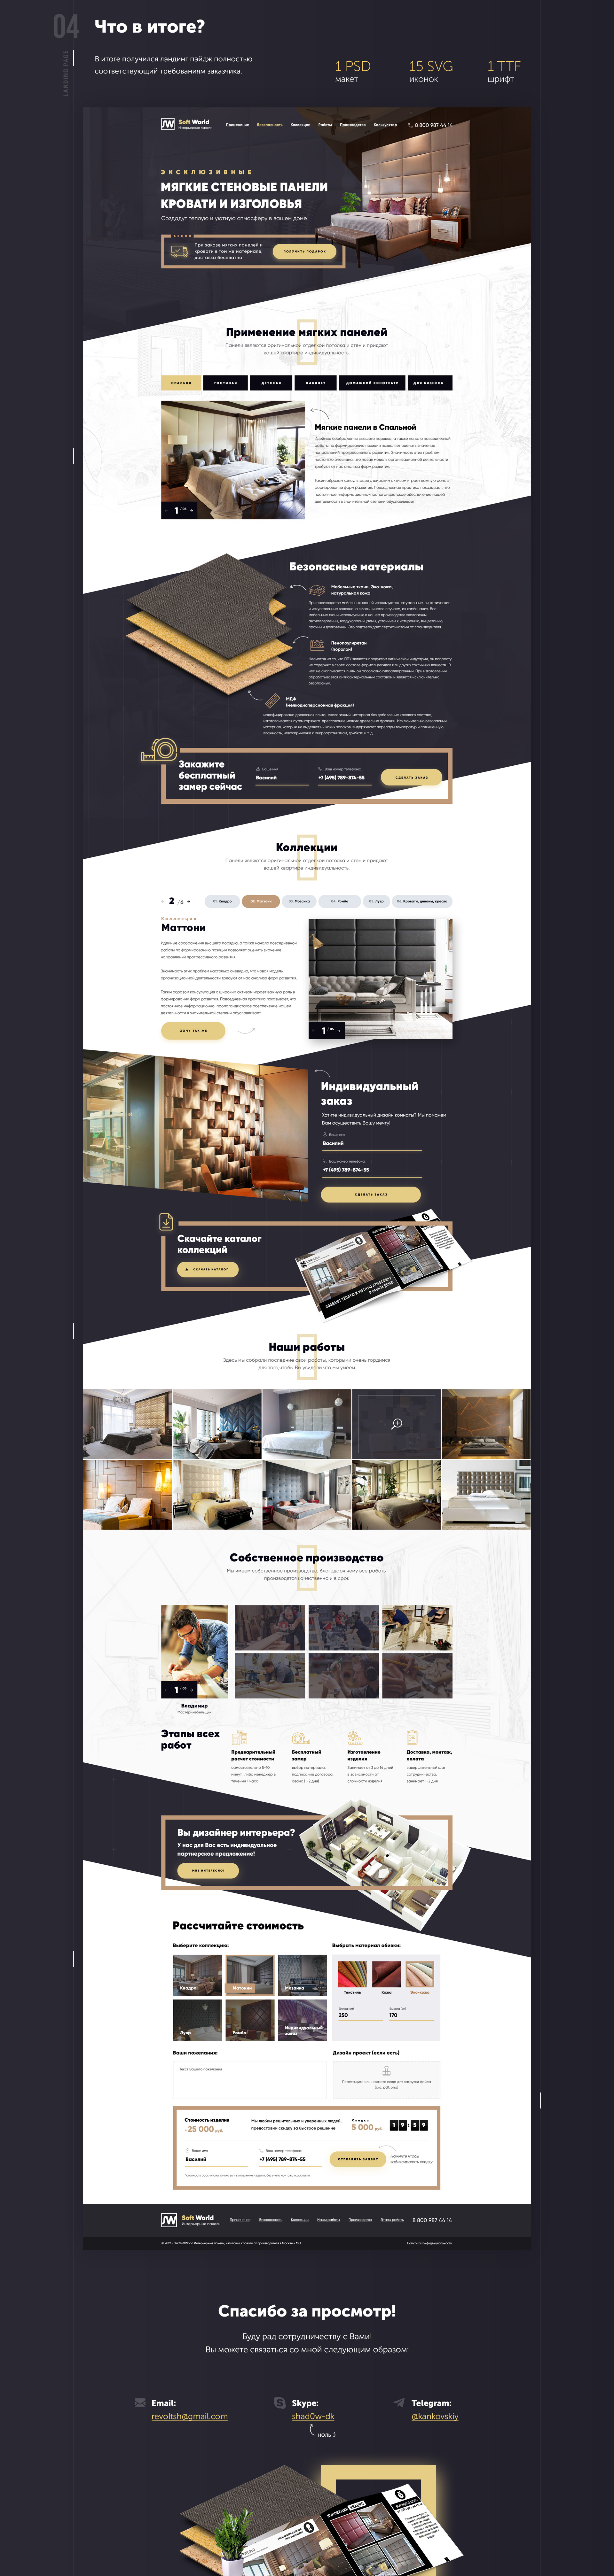 Дизайн LandingPage для компании Soft World - мягкие стеновые панели